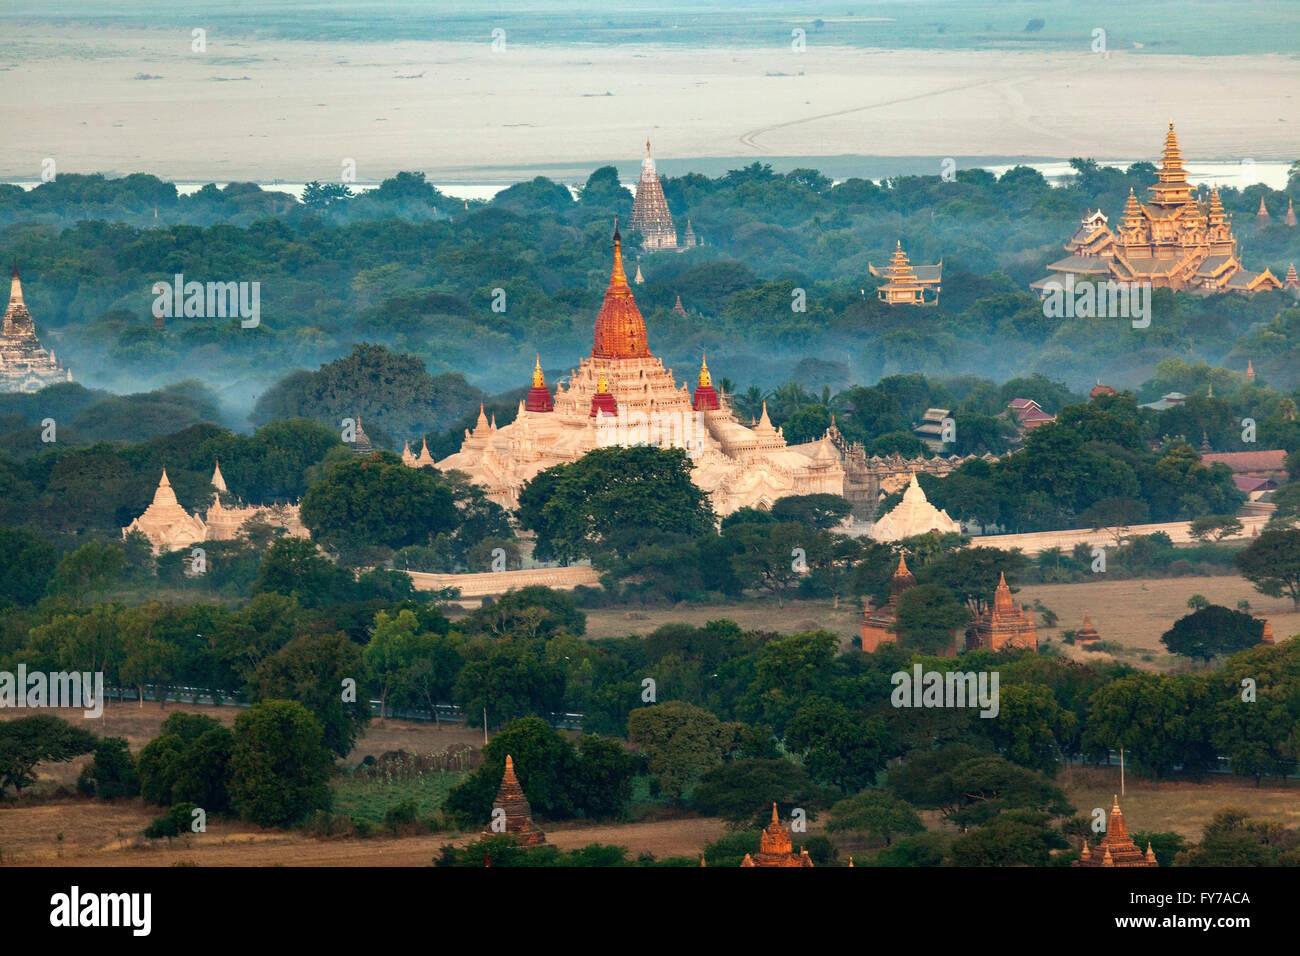 Eine Luftaufnahme auf der Pahto Ananda durch Nebel am frühen Morgen mit dem Irrawaddy-Fluss im Hintergrund Stockbild